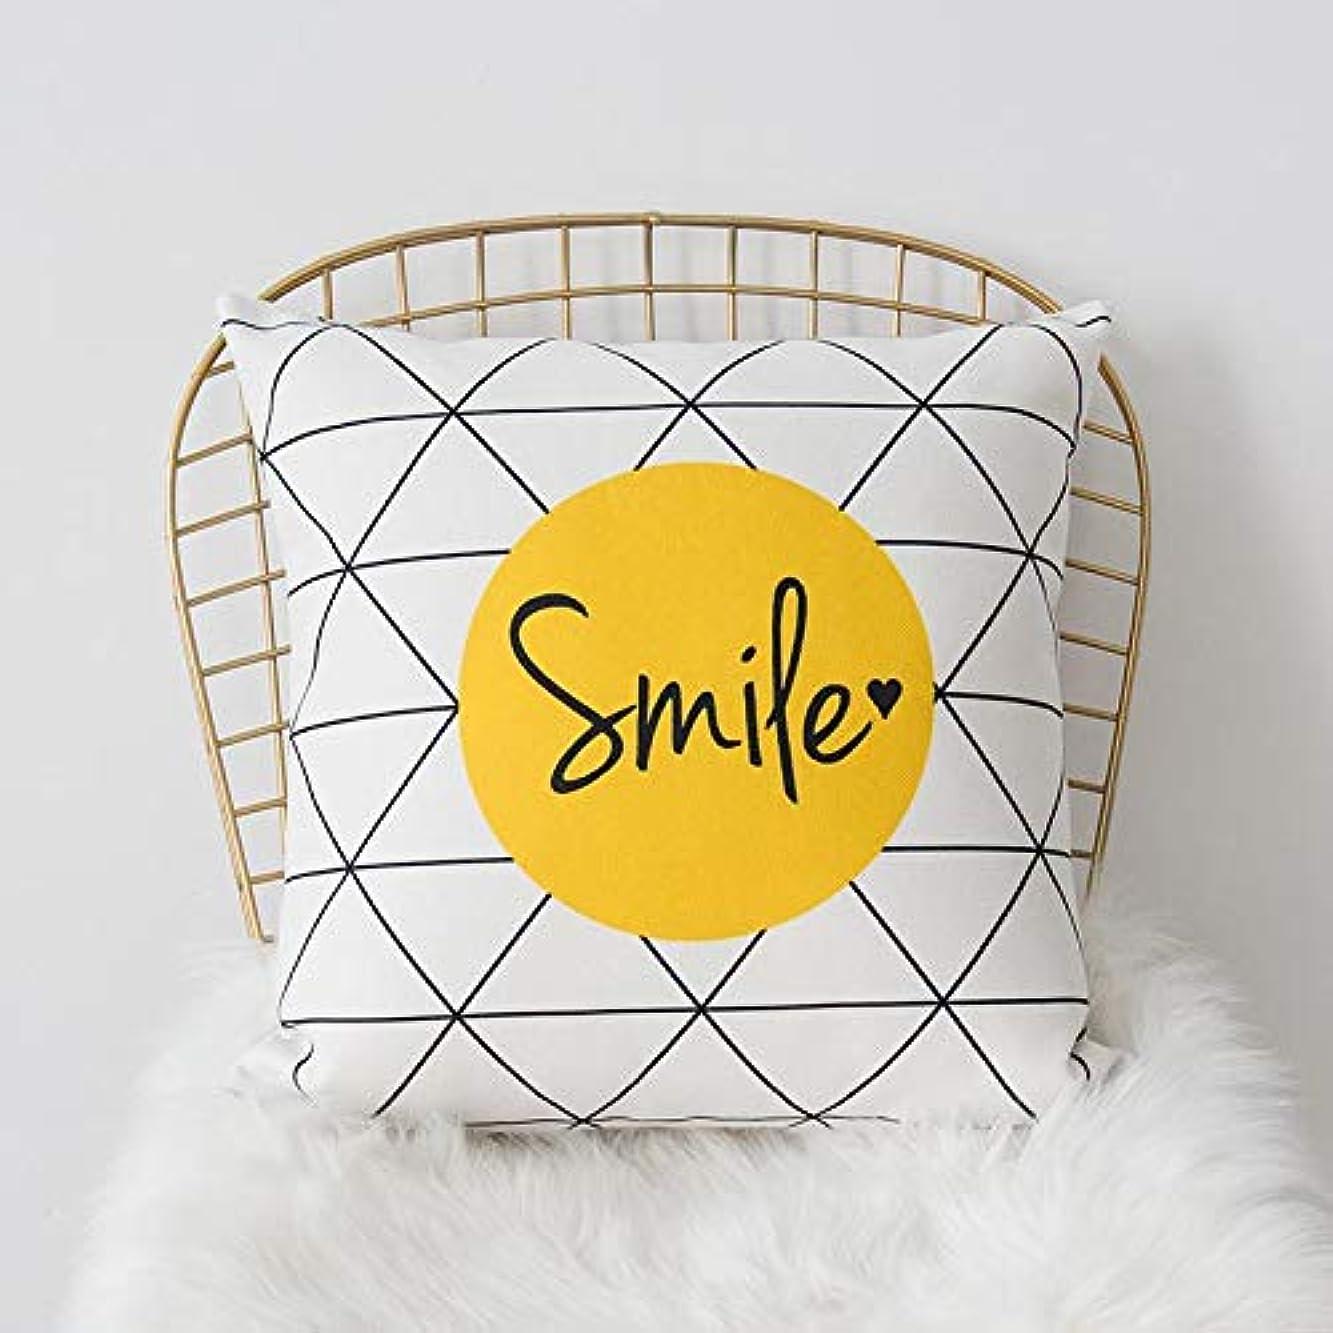 磁器ピクニックをする縞模様のSMART 黄色グレー枕北欧スタイル黄色ヘラジカ幾何枕リビングルームのインテリアソファクッション Cojines 装飾良質 クッション 椅子